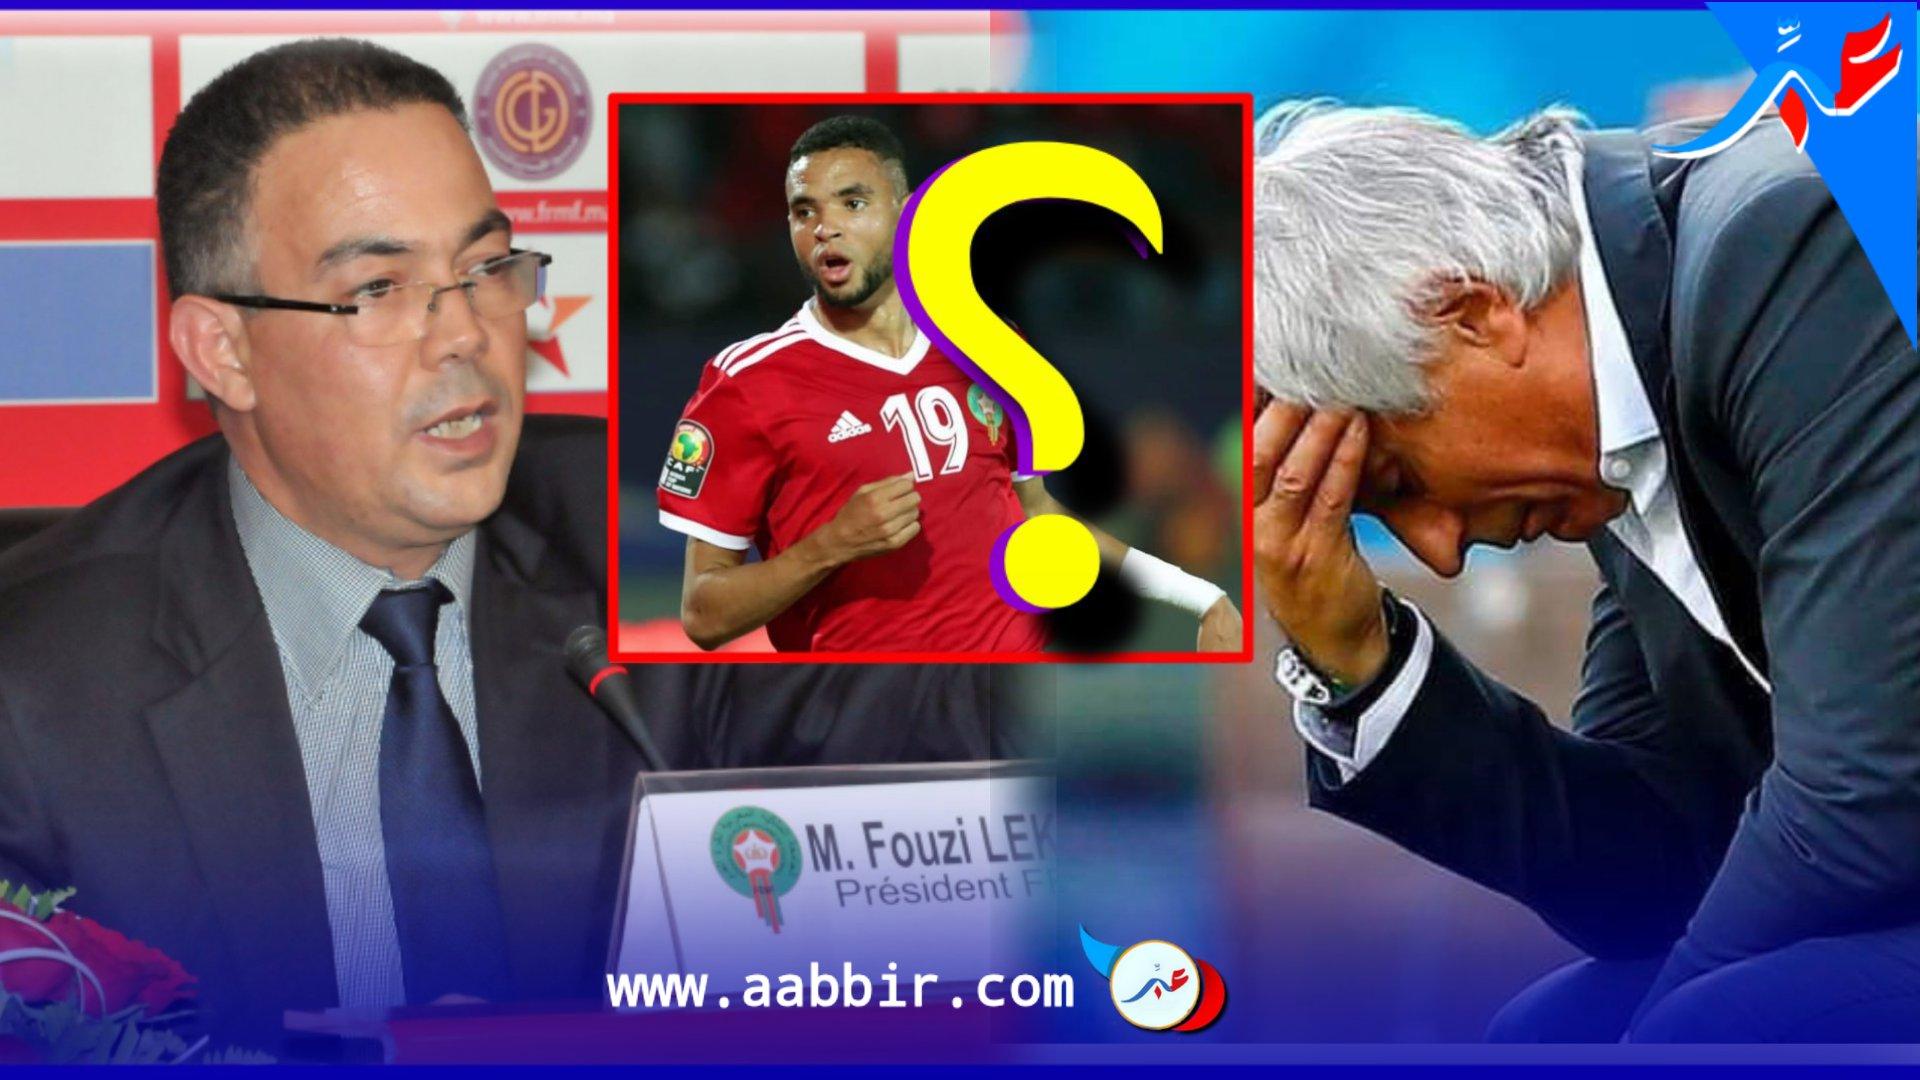 المنتخب المغربي .. المدرب حاليلوزيتش فوزي لقجع